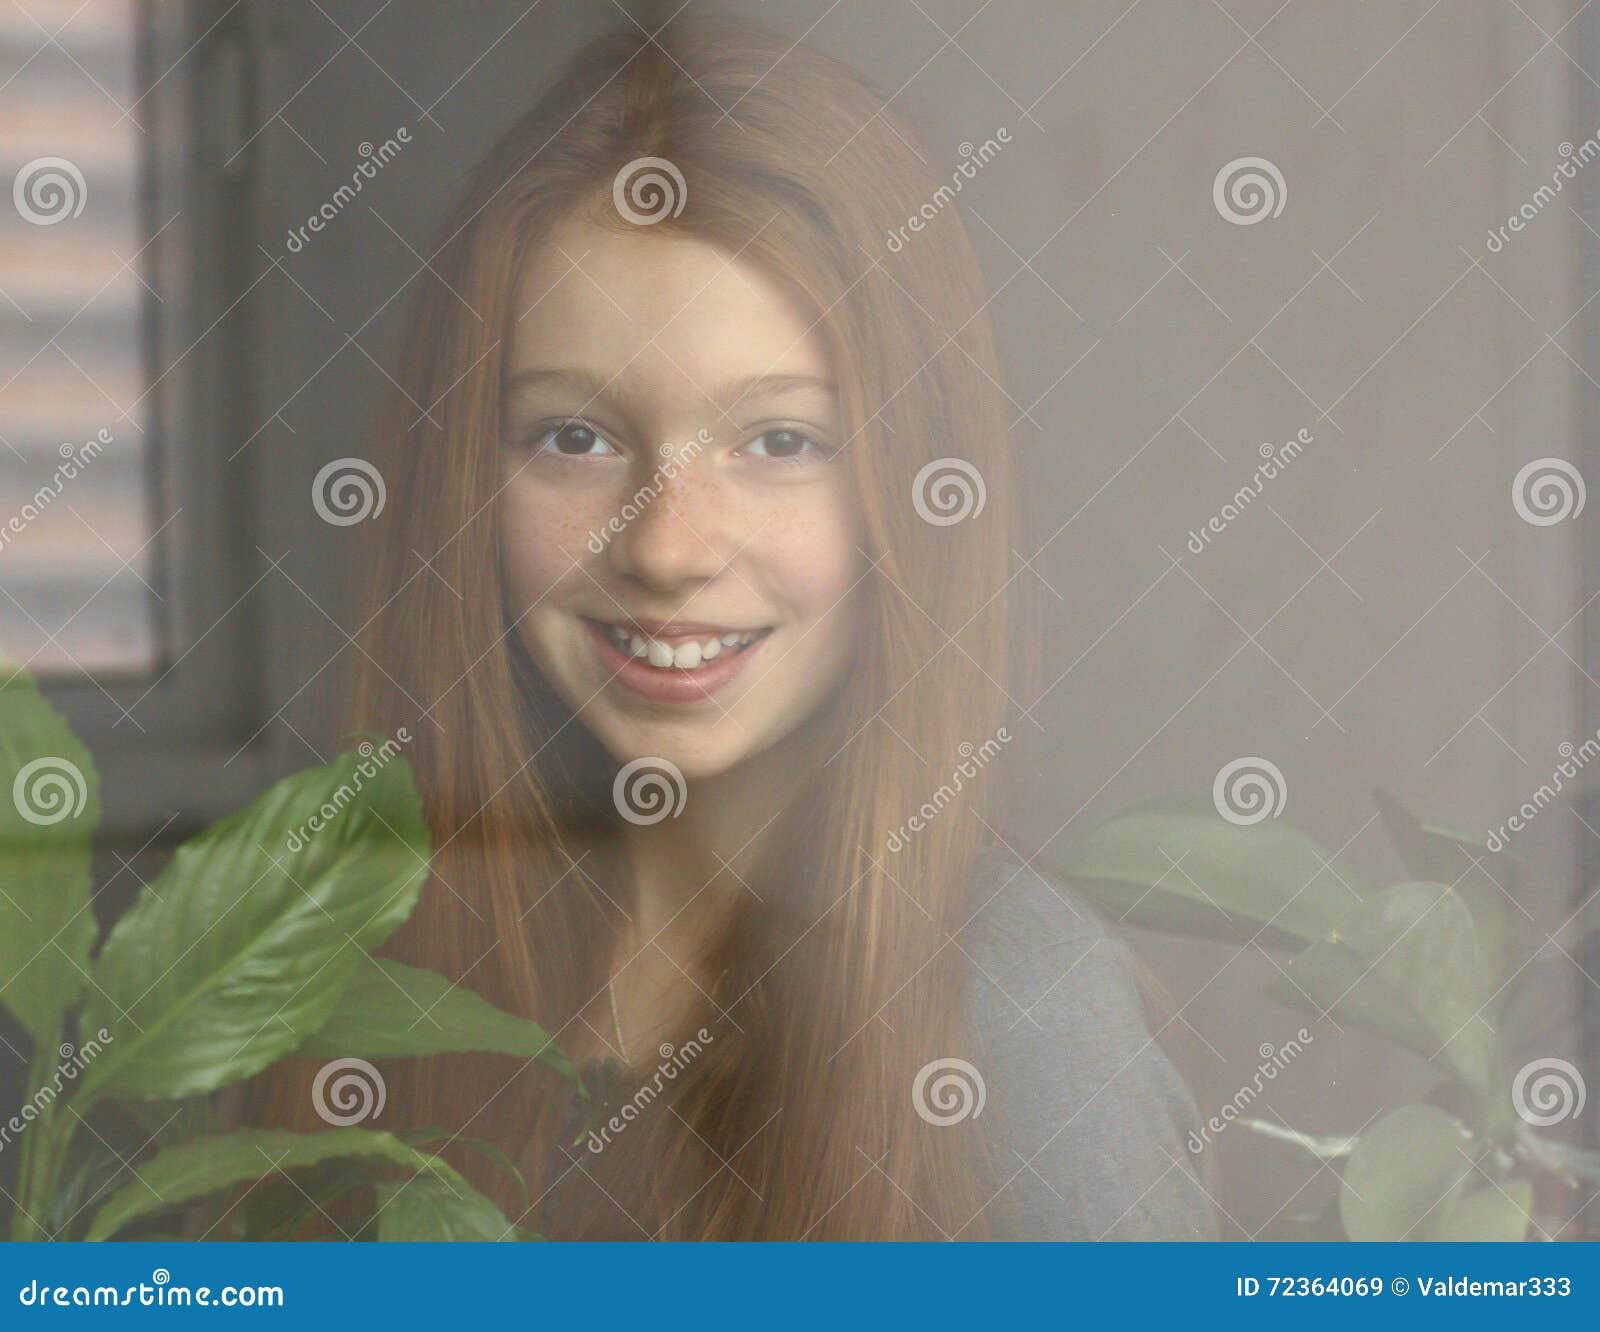 红发女孩微笑着